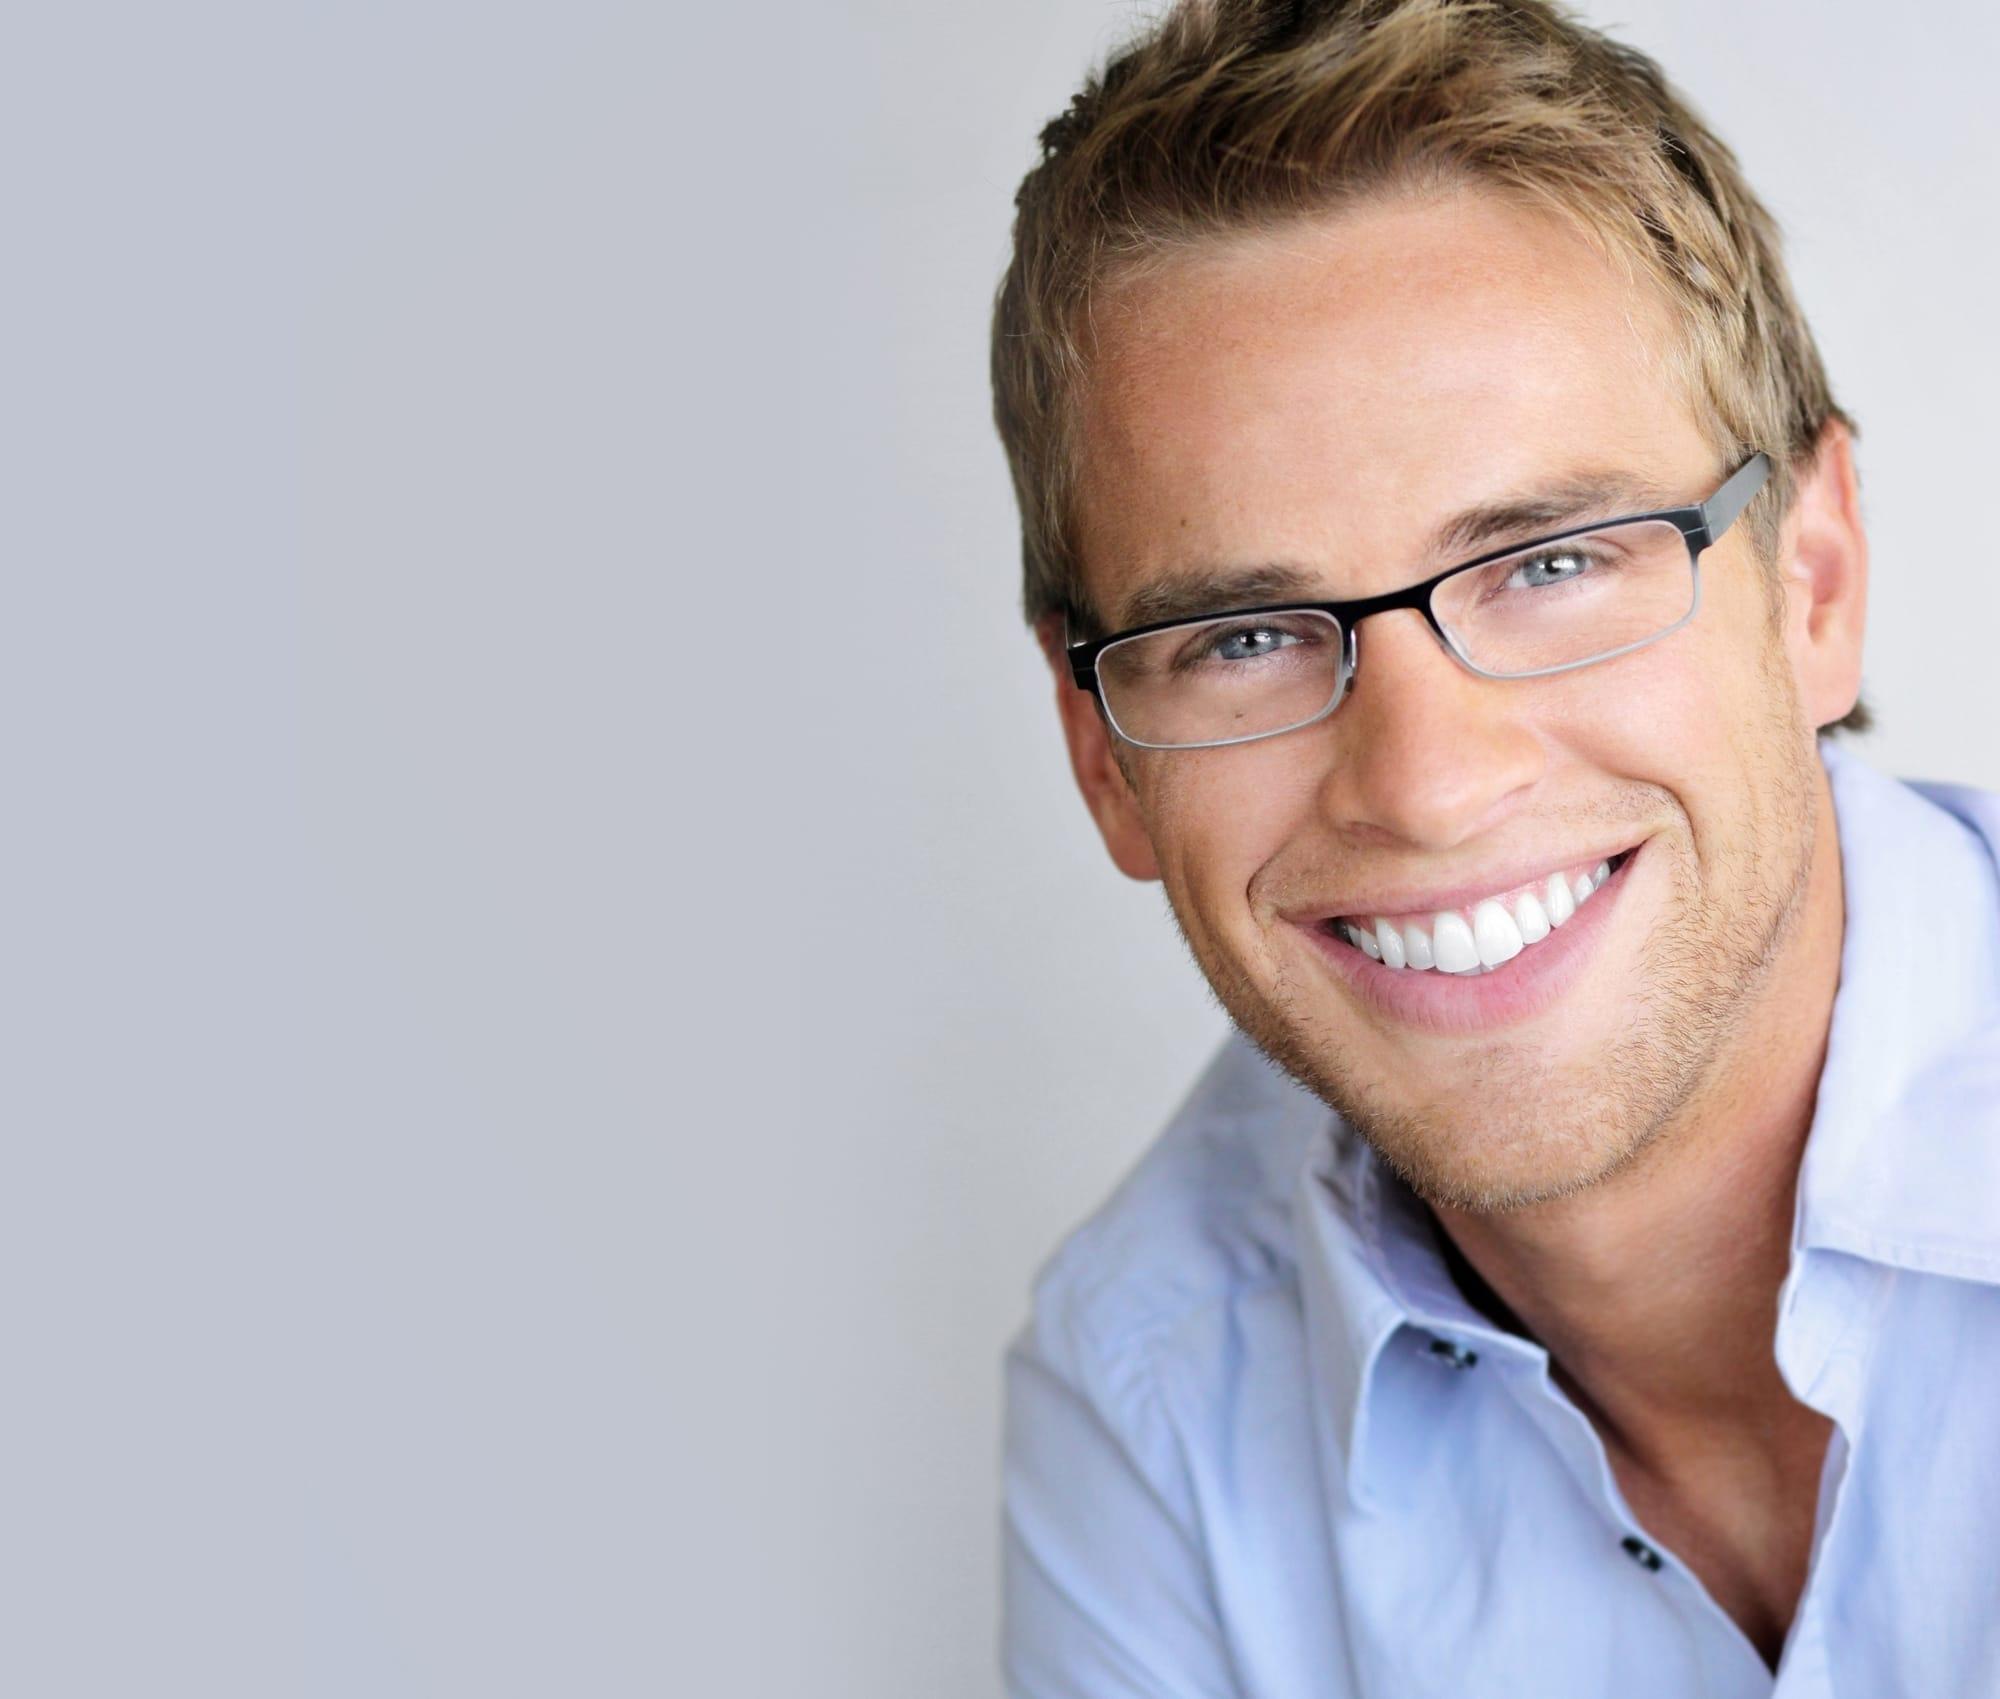 who is the best hialeah dentist for veneers?